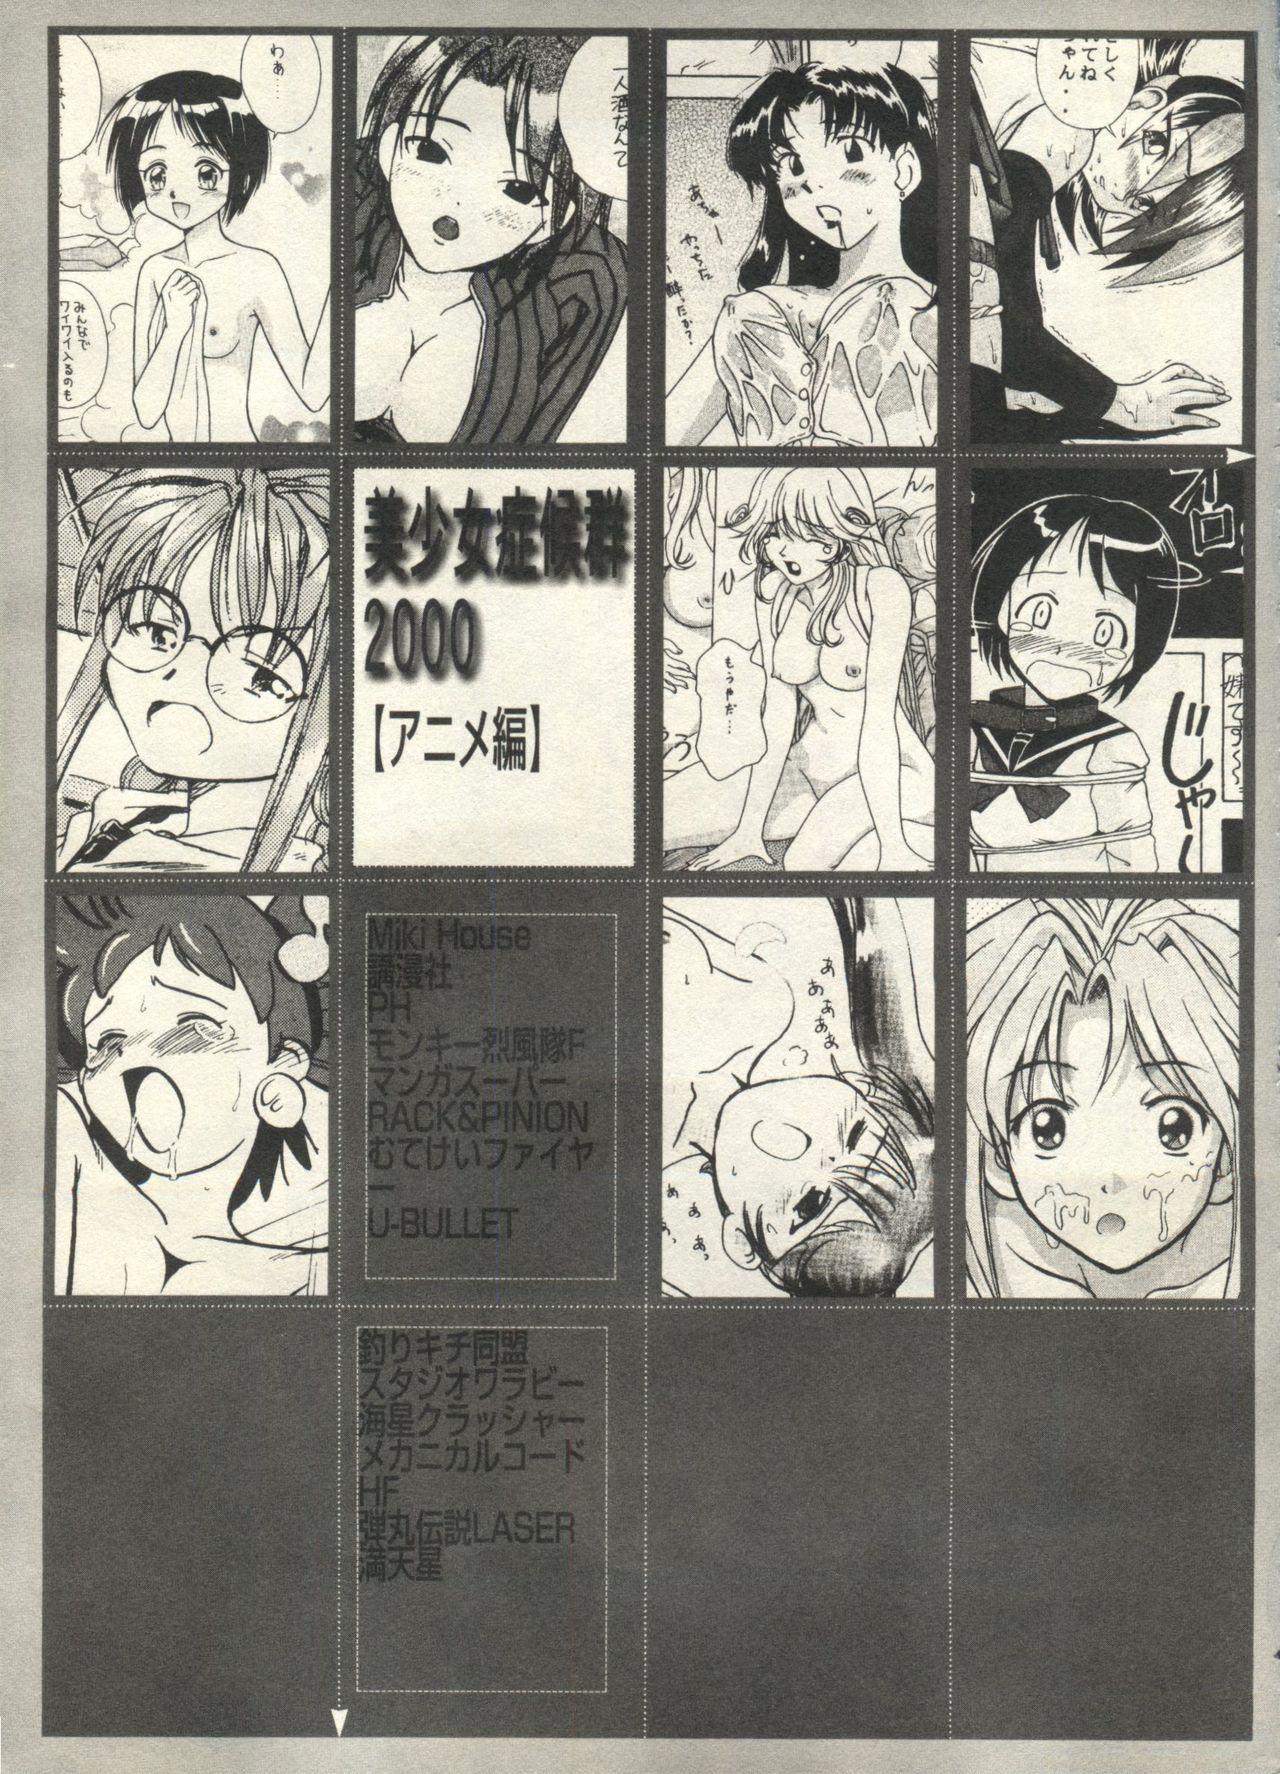 Bishoujo Shoukougun 2000 Manga-Anime Hen 4